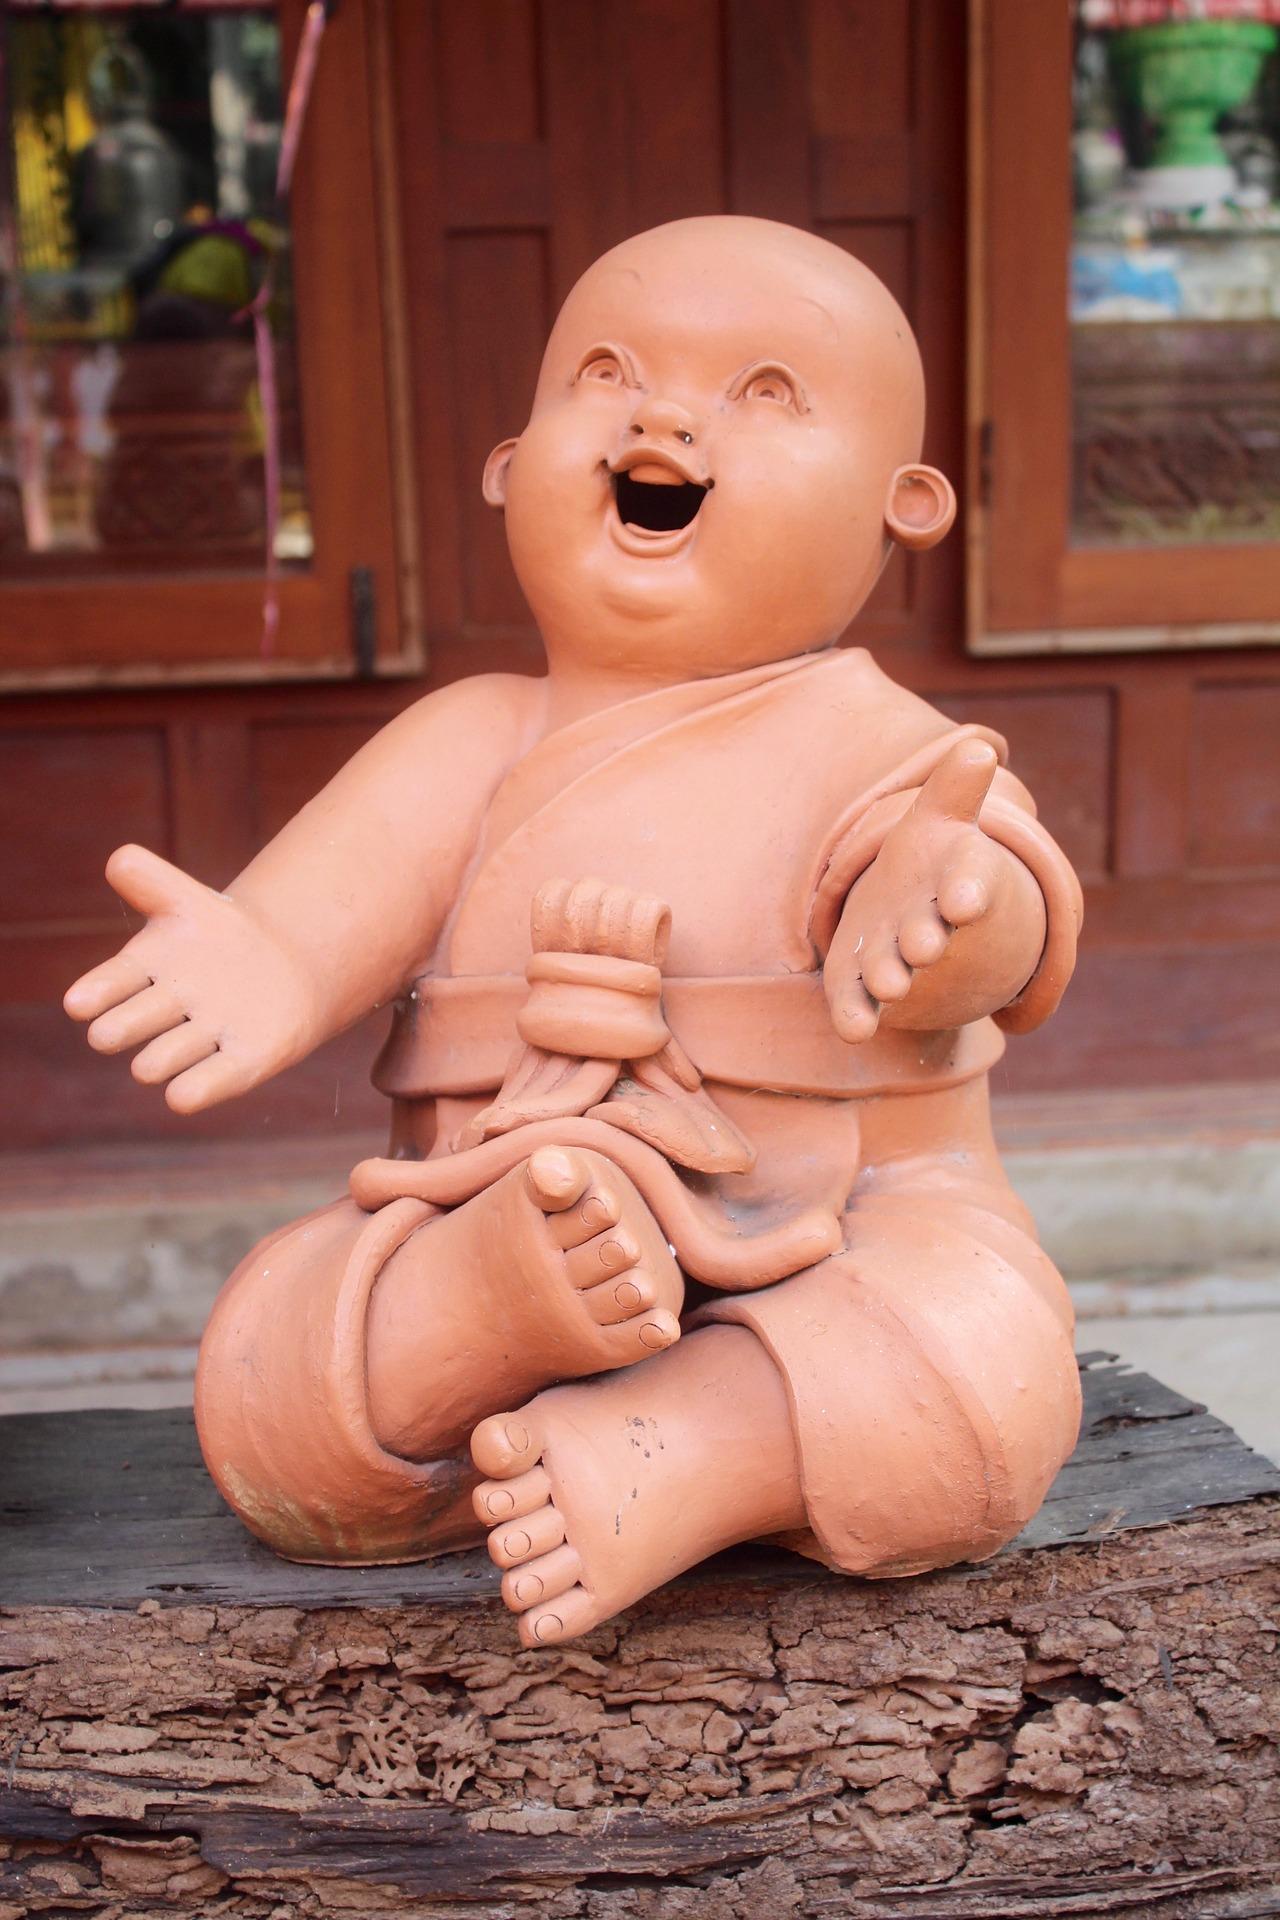 buddha-1128428_1920 Die Selbstherrlichkeit eines Ausschließlichkeitsvermittlers.